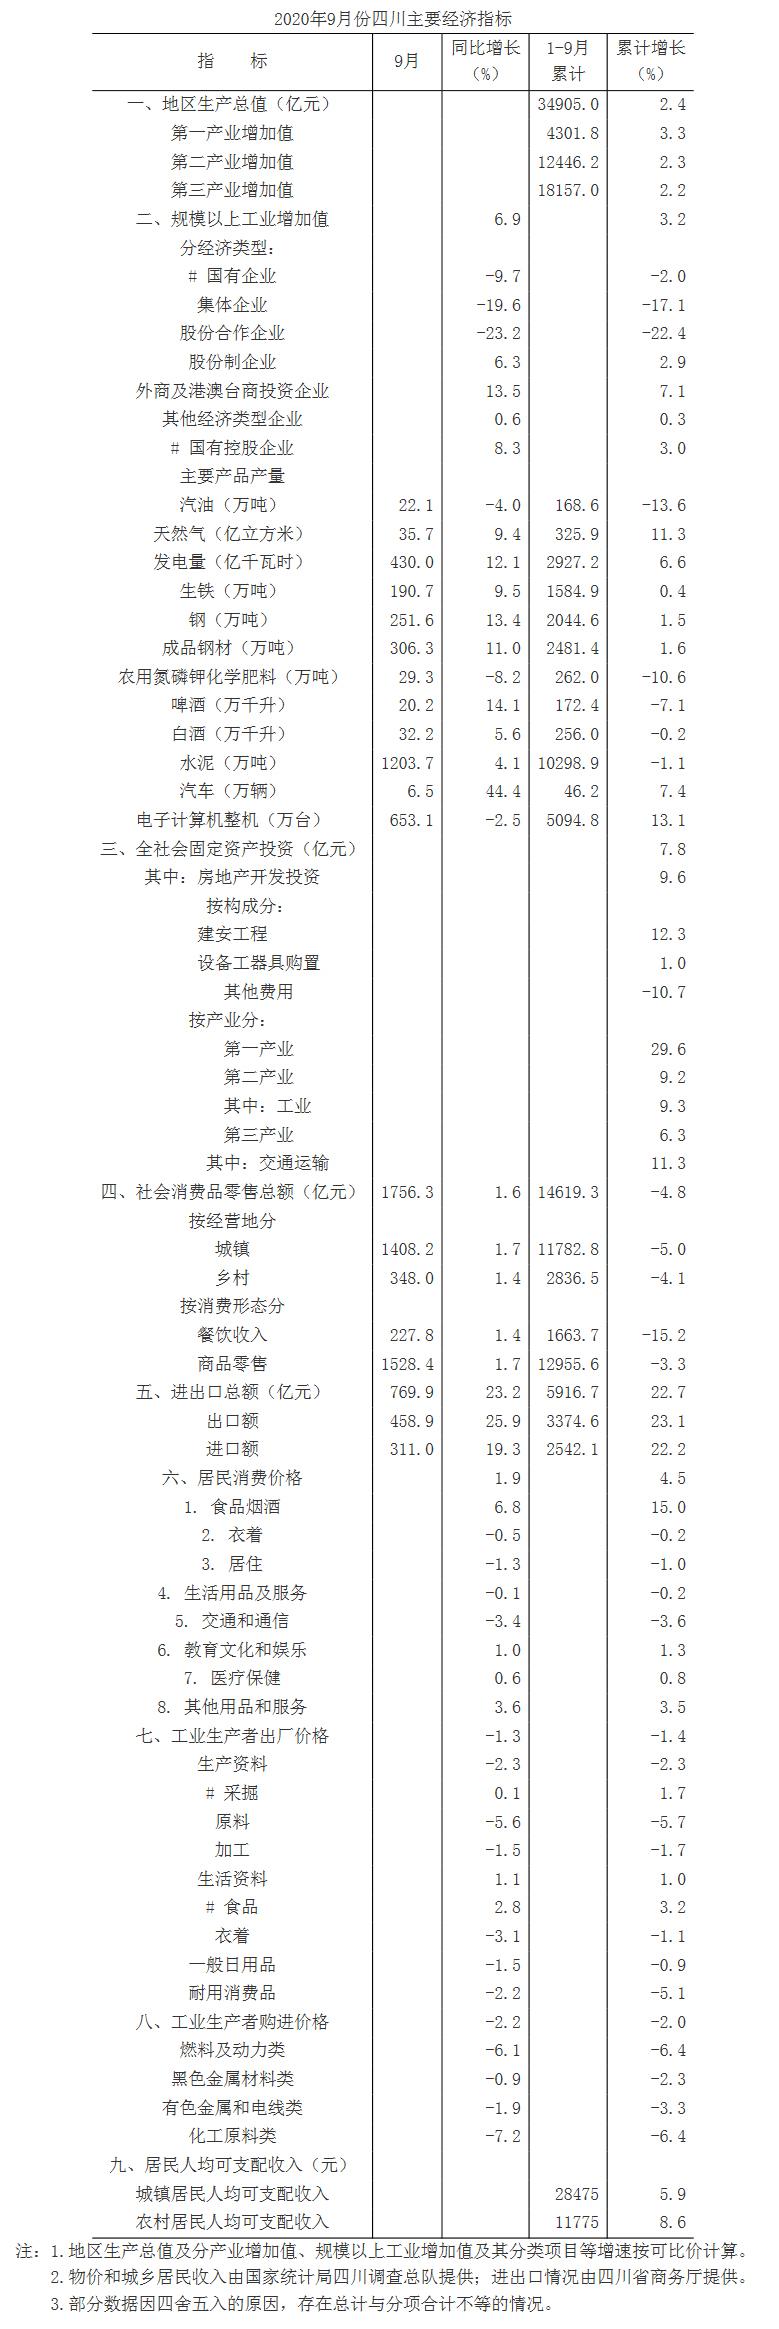 四川2020第三季度gdp_2020年前三季度中西部两湖四川GDP战报比较,湖北强势复苏